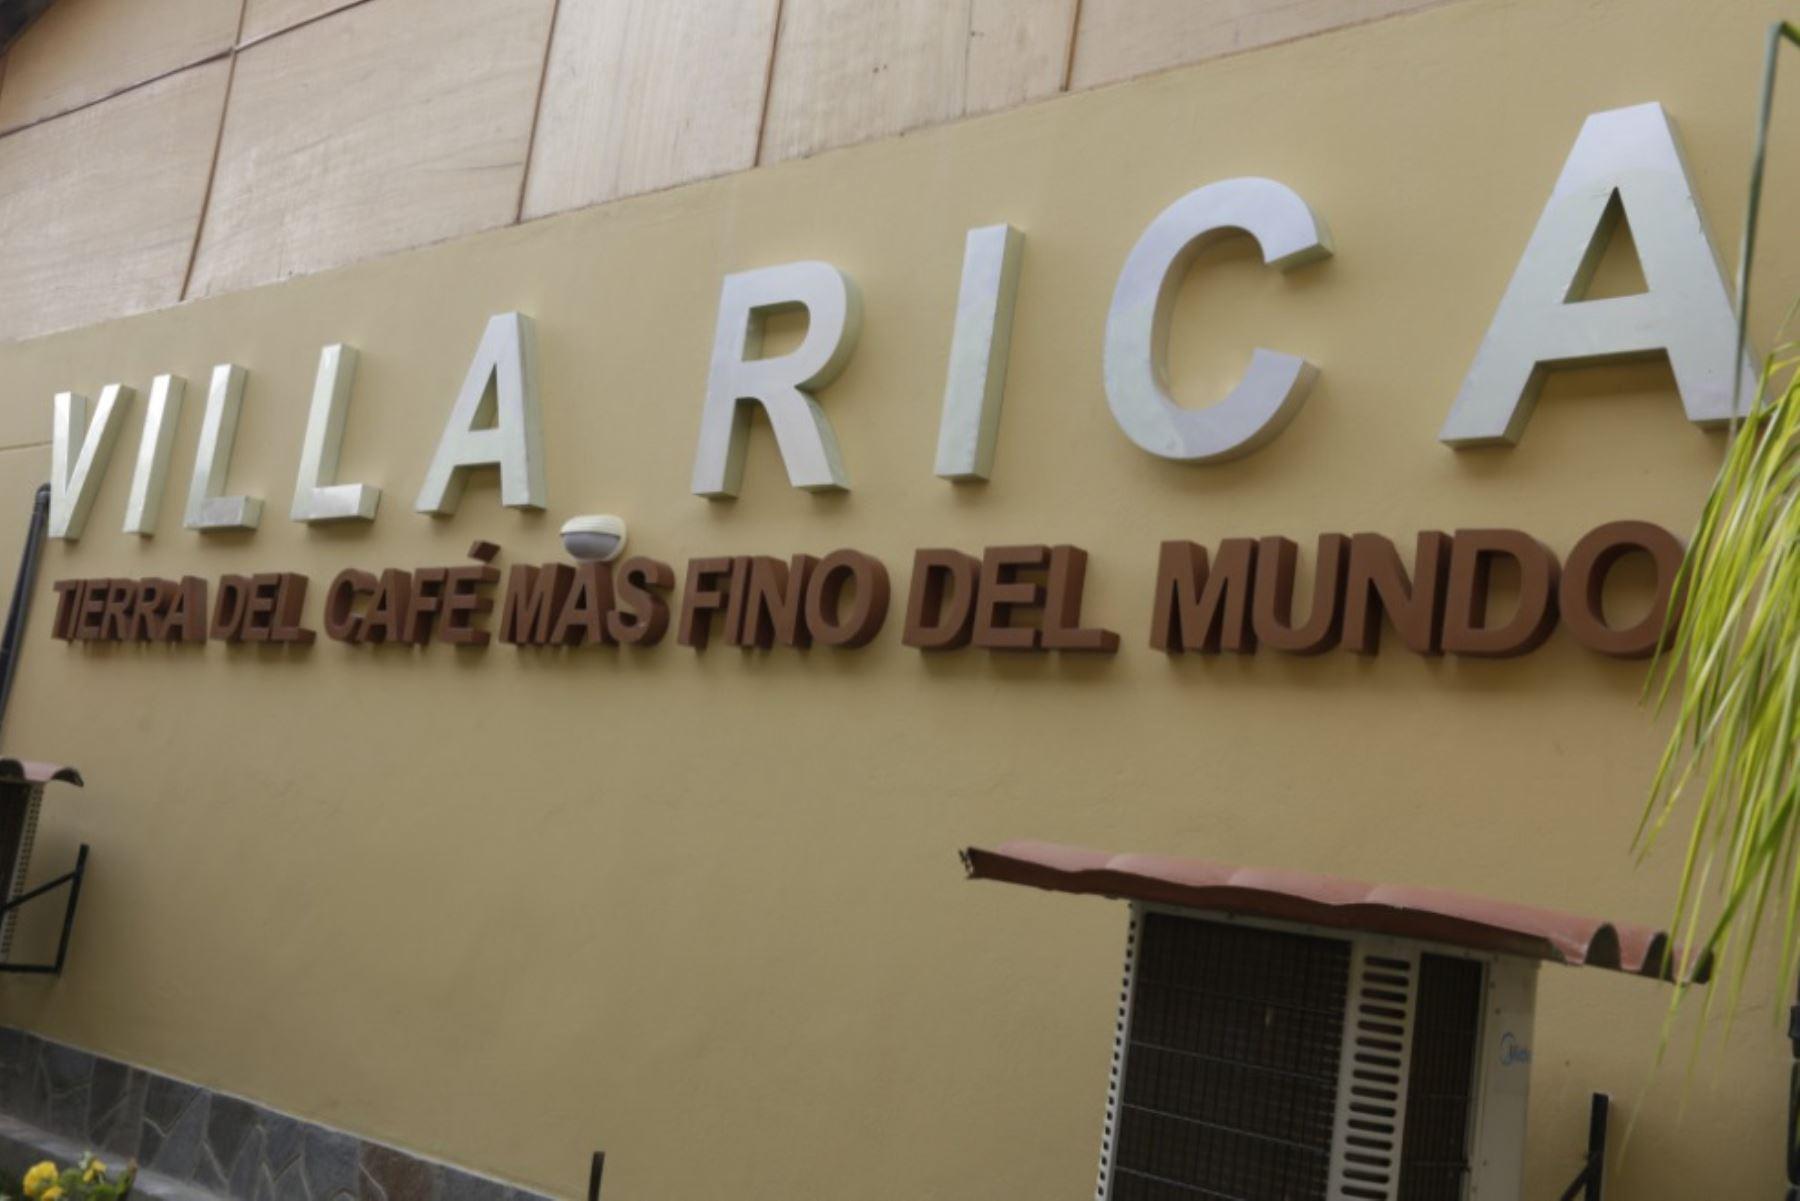 La Ruta del Café Villa Rica constituye uno de los atractivos turísticos más importantes no solo de la región Pasco sino de la selva central del Perú, dado que no solo permite conocer una de las zonas pródigas en producción del café orgánico de reconocida calidad mundial, sino también a un entorno natural de singular belleza y comunidades con una rica herencia cultural. ANDINA/Difusión